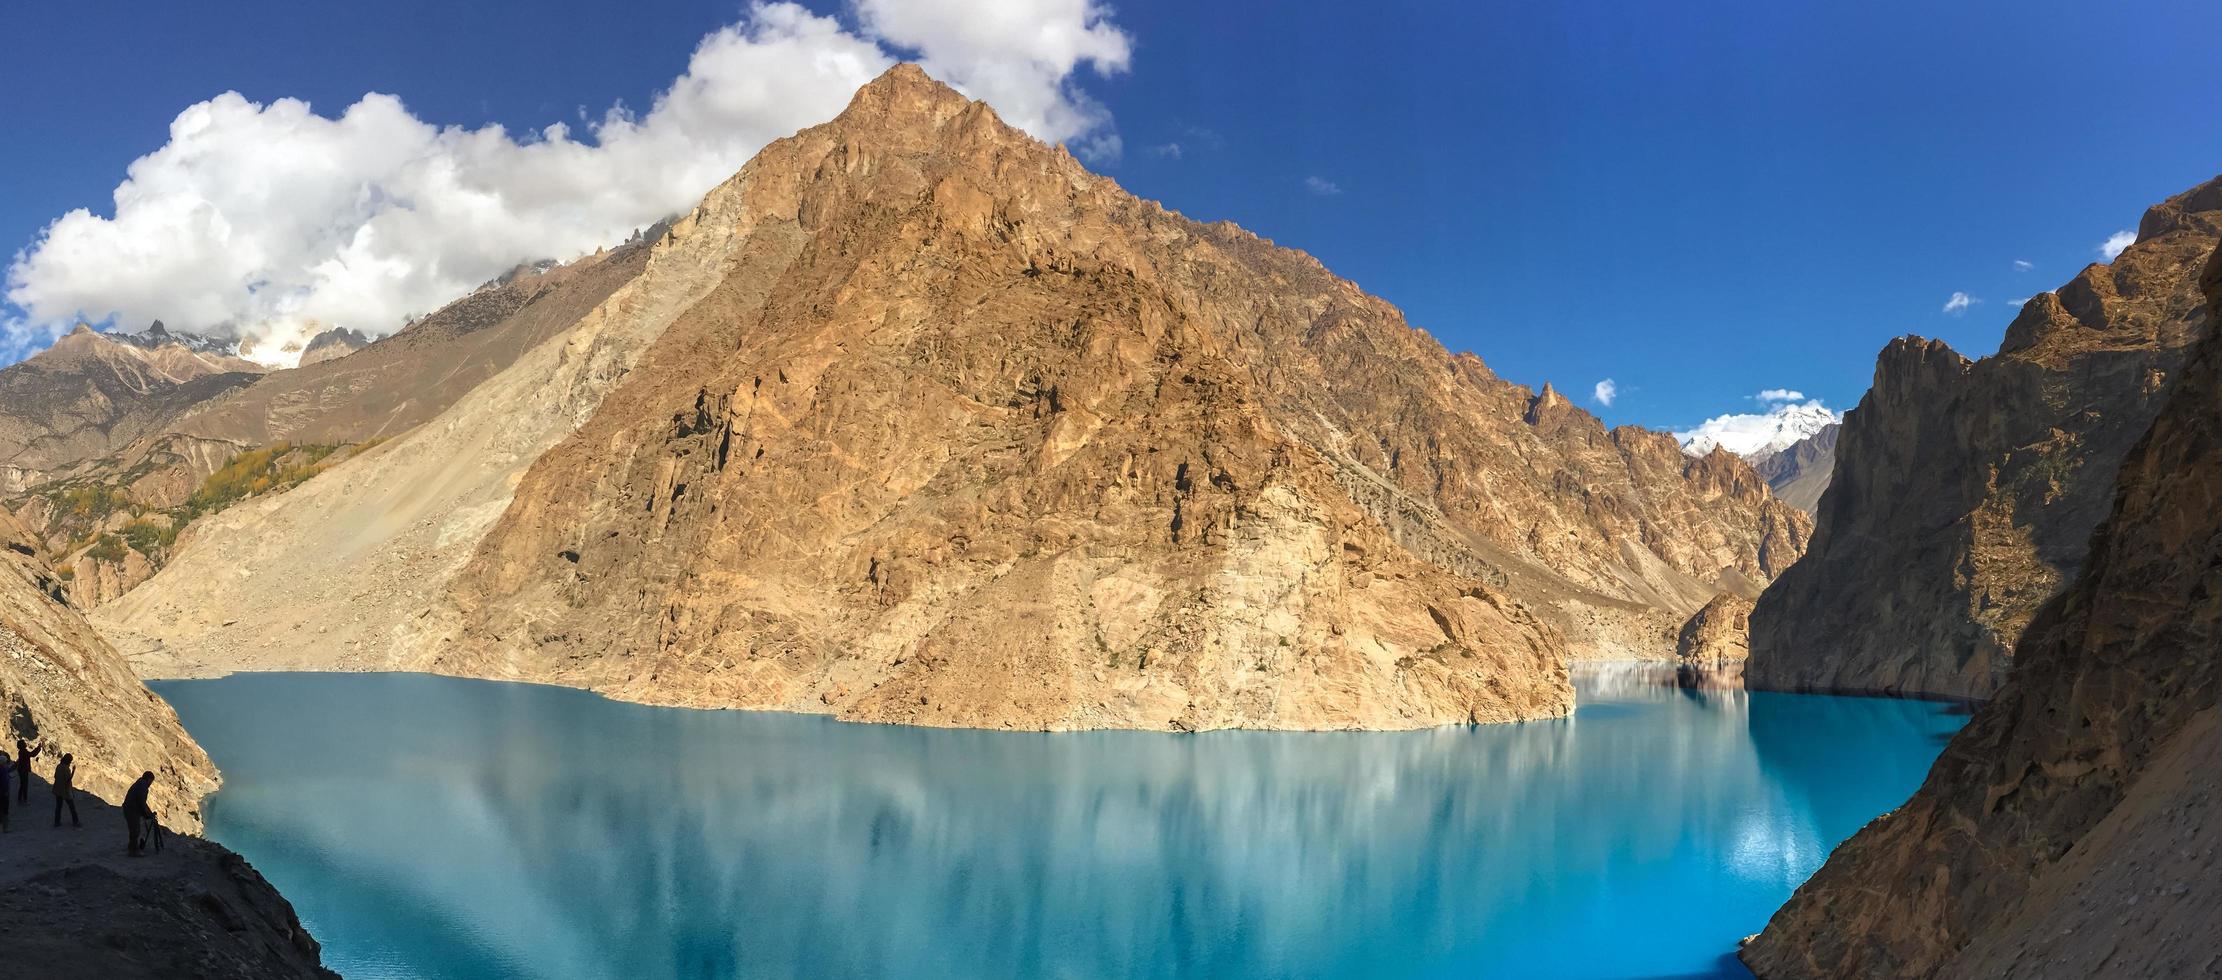 Attabad See im Hunza-Tal, Pakistan foto